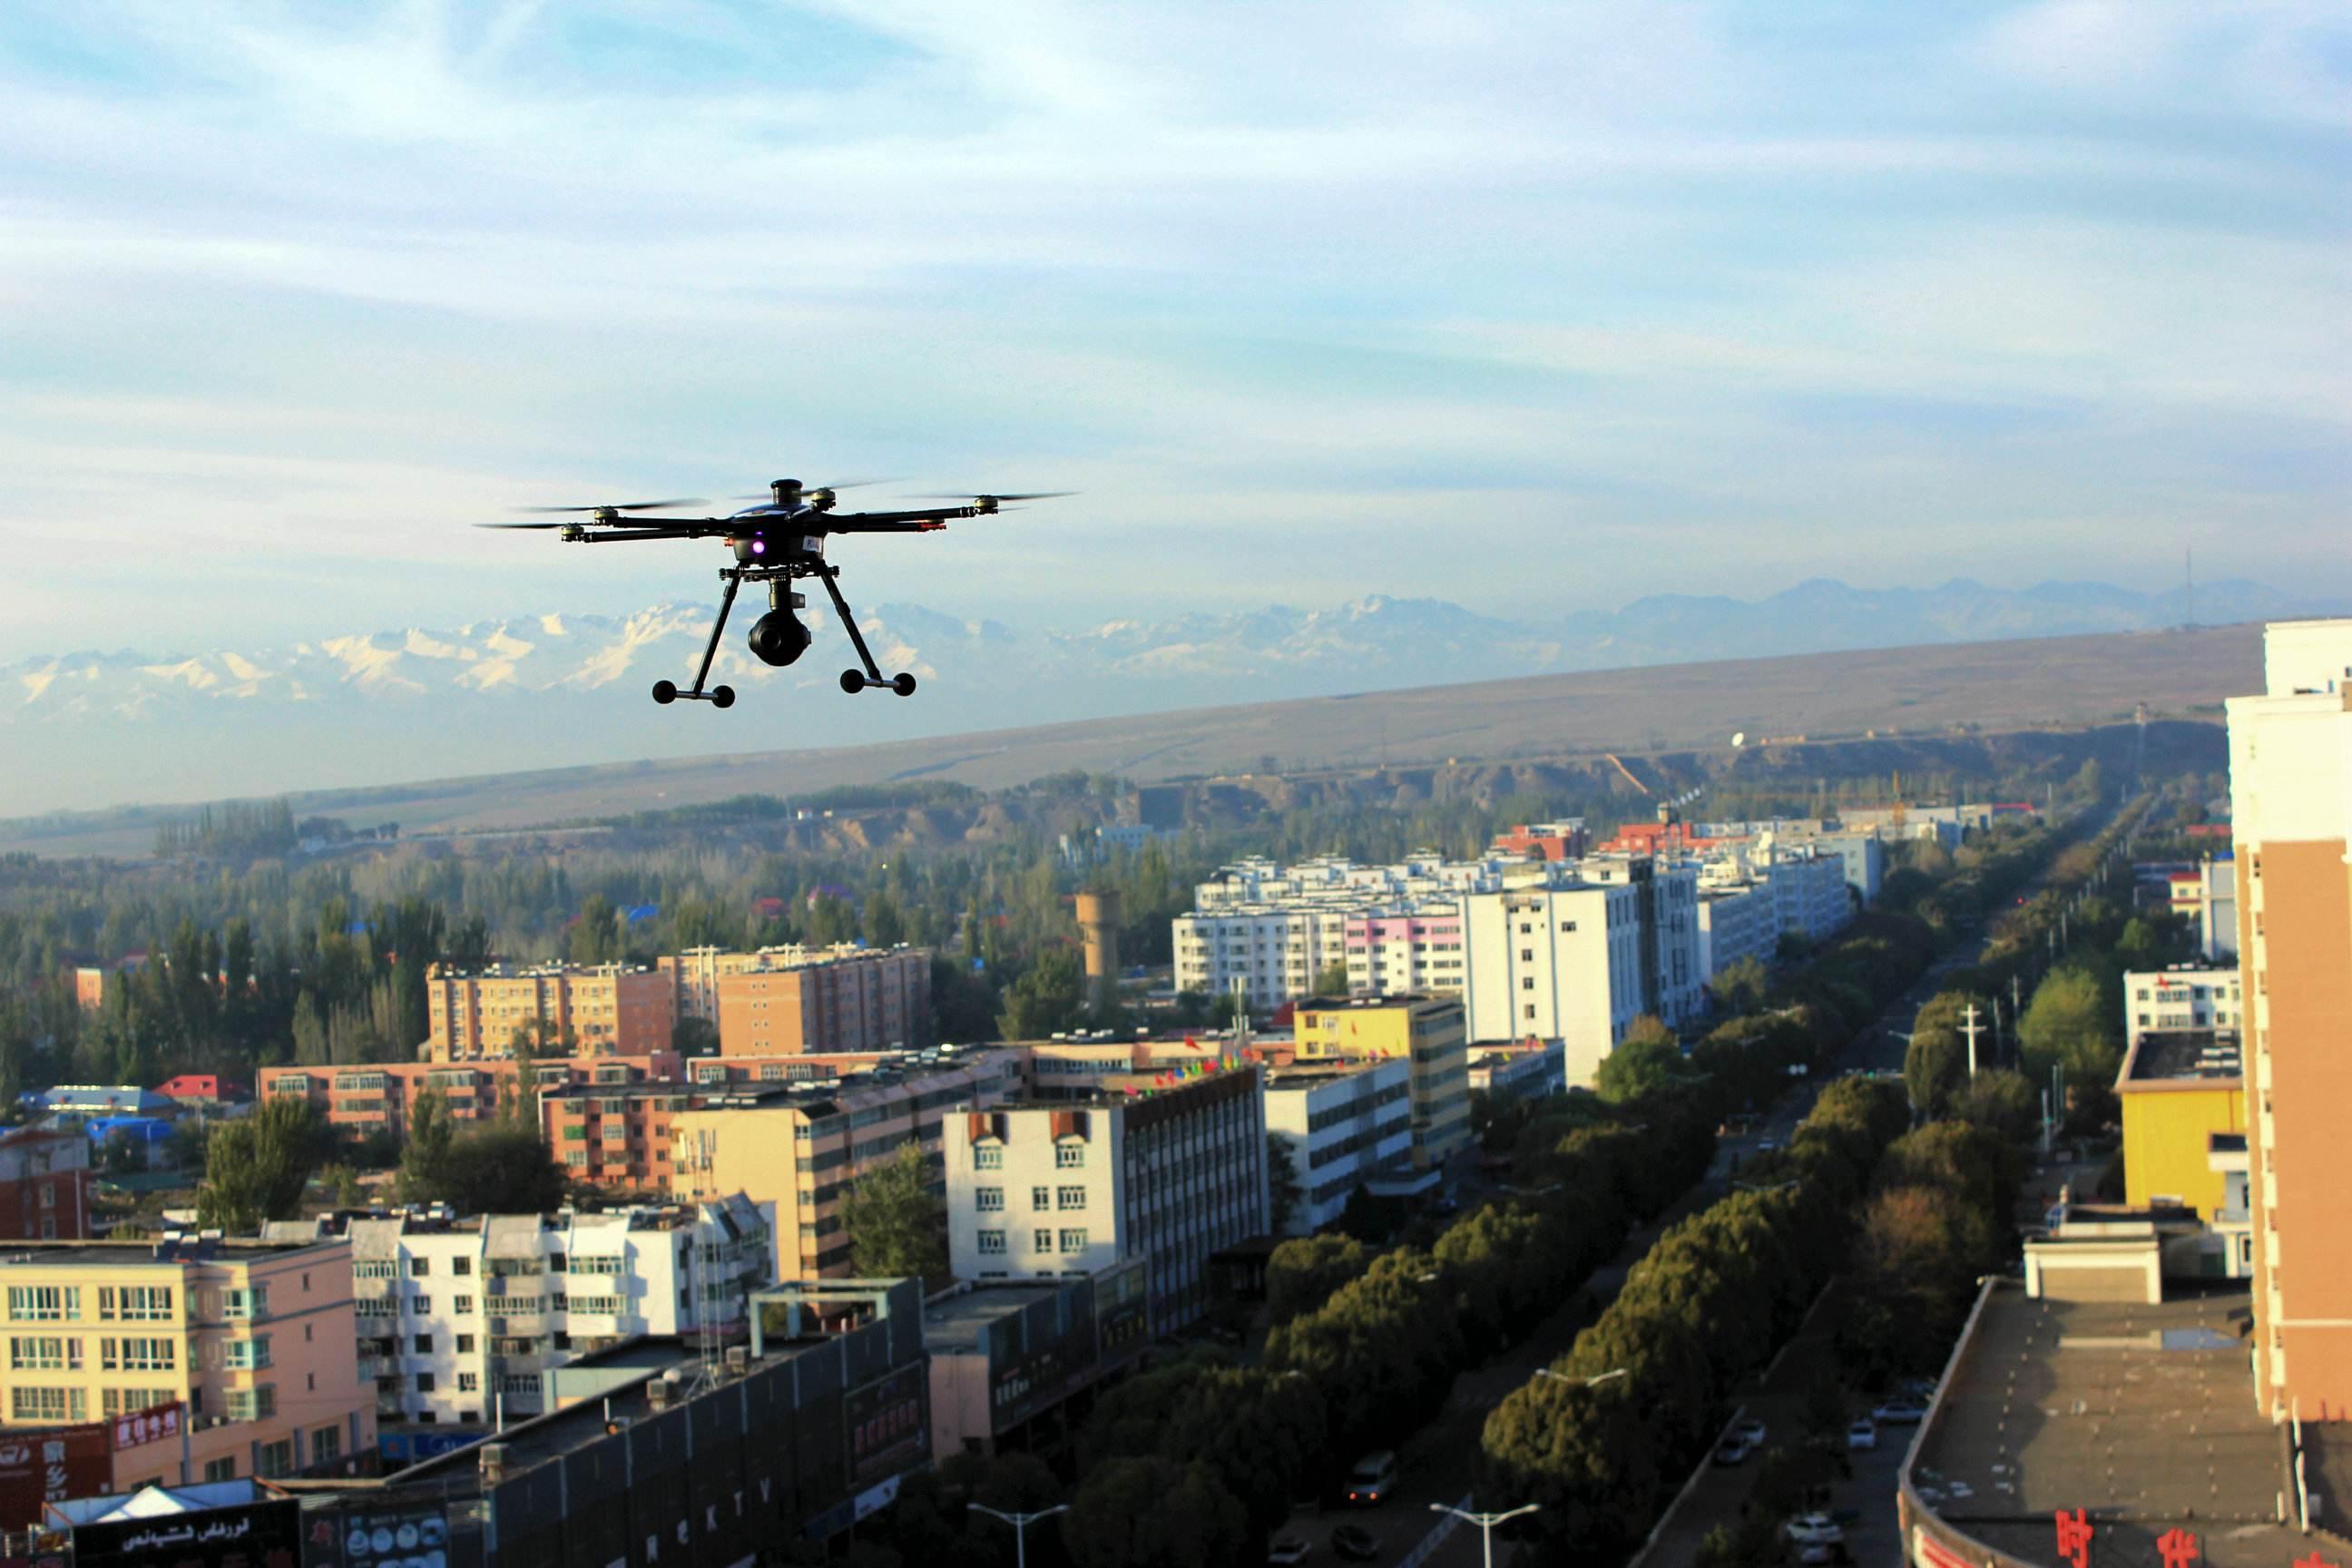 调查:英国若善用无人机 将提振经济创数十万岗位